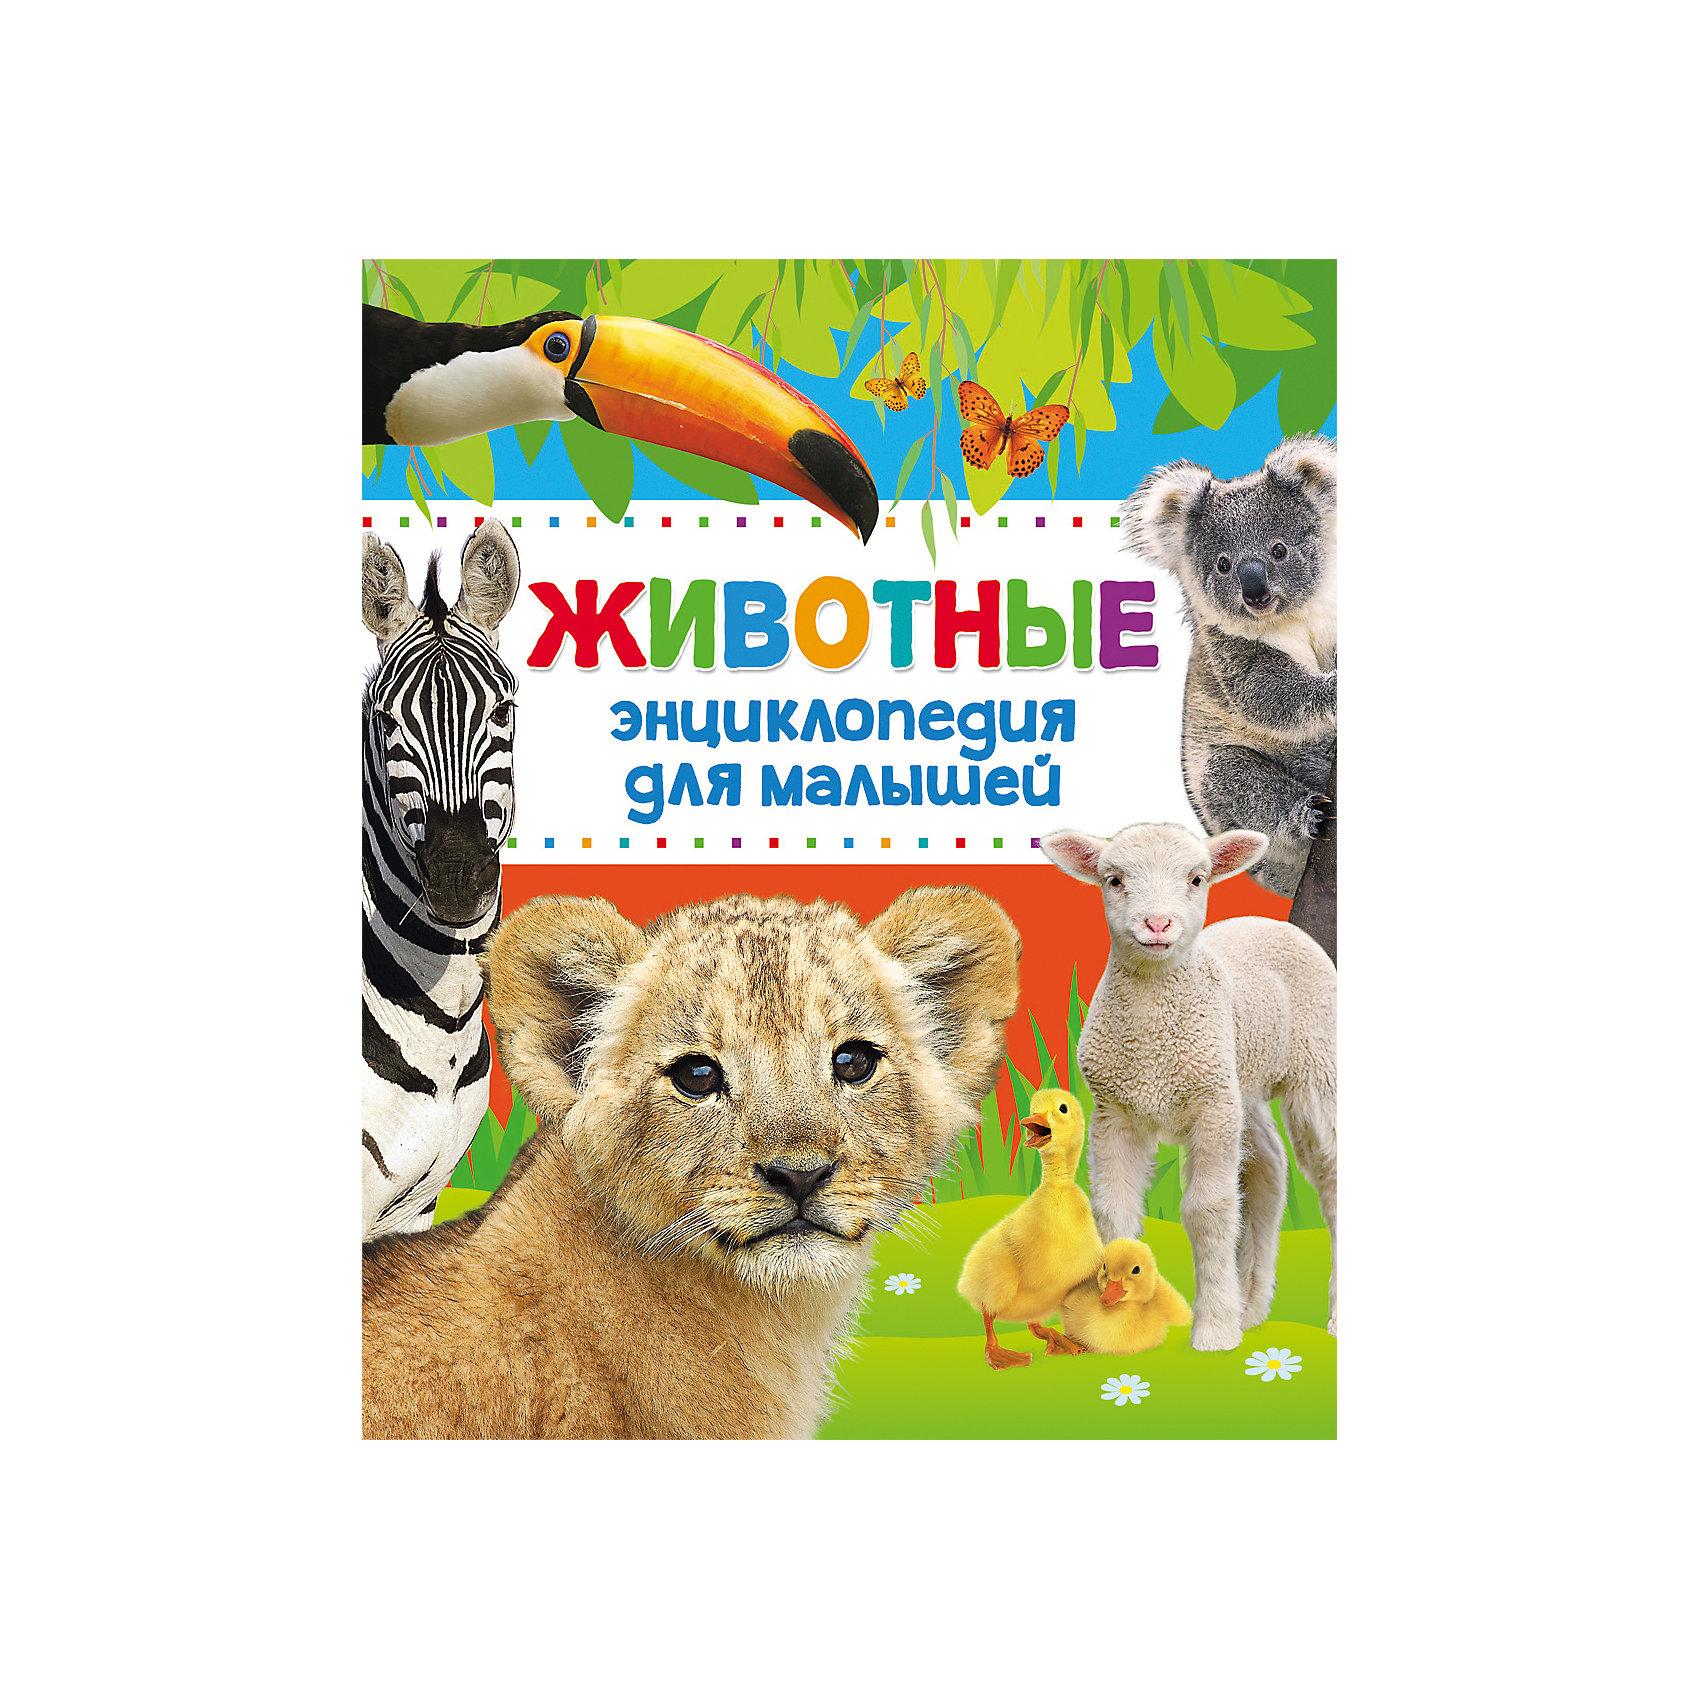 Энциклопедия для малышей ЖивотныеРосмэн<br>Характеристики товара:<br><br>- цвет: разноцветный;<br>- материал: бумага;<br>- страниц: 144;<br>- формат: 84х100/16;<br>- обложка: твердая;<br>- цветные иллюстрации.<br><br>Эта интересная книга с иллюстрациями станет отличным подарком для ребенка. Она содержит в себе яркие картинки, которые помогут малышам познакомиться со многими предметами из окружающего мира, а также пояснения к ним. В книге - море полезной информации для ребенка!<br>Чтение и рассматривание картинок даже в юном возрасте помогает ребенку развивать зрительную память, концентрацию внимания и воображение. Издание произведено из качественных материалов, которые безопасны даже для самых маленьких.<br><br>Издание Энциклопедия для малышей Животные от компании Росмэн можно купить в нашем интернет-магазине.<br><br>Ширина мм: 243<br>Глубина мм: 204<br>Высота мм: 10<br>Вес г: 561<br>Возраст от месяцев: 36<br>Возраст до месяцев: 72<br>Пол: Унисекс<br>Возраст: Детский<br>SKU: 5110161